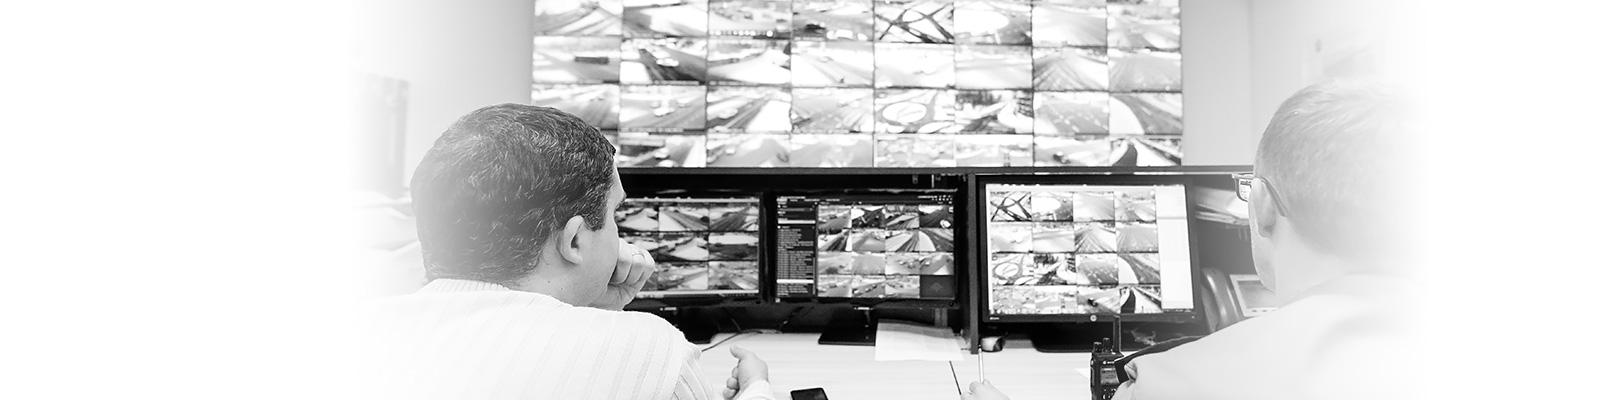 交通 監視 遠隔 イメージ